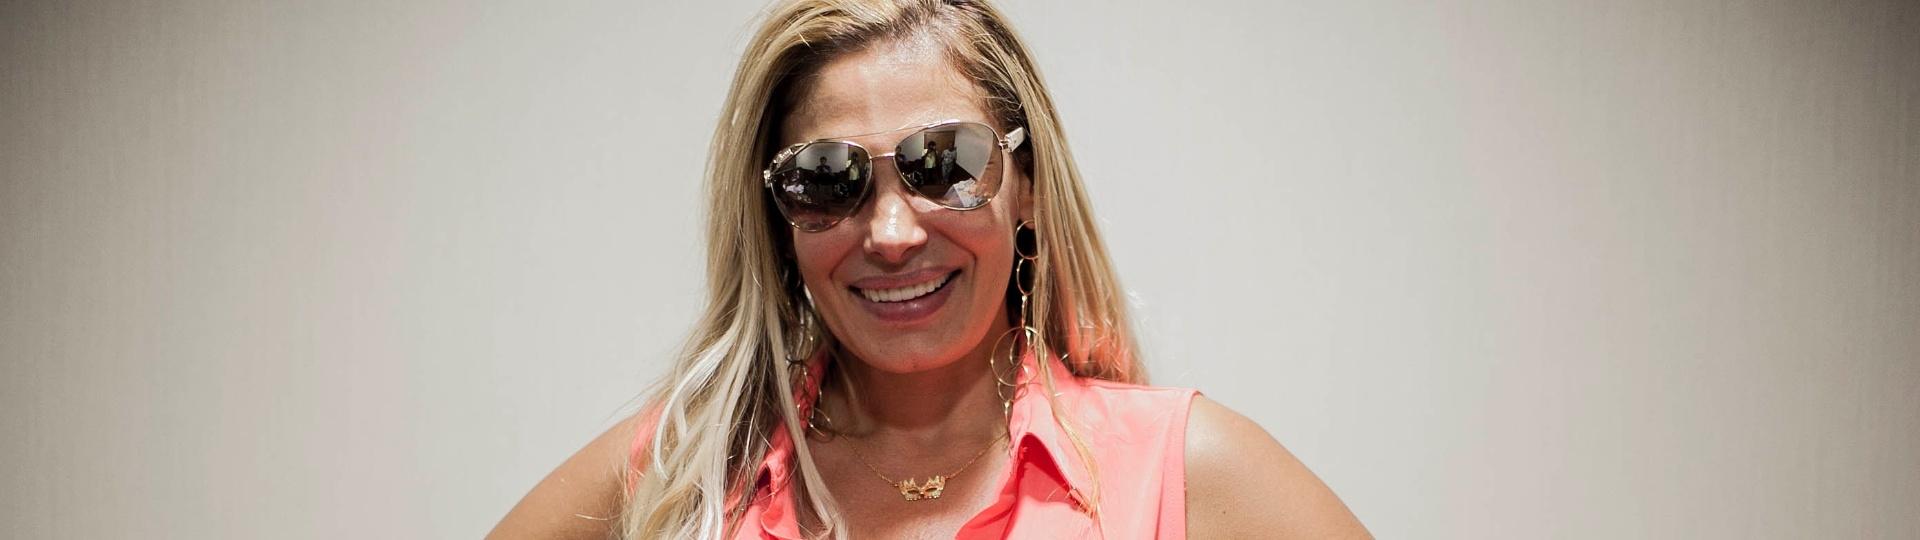 09.fev.2013 - Ângela Bismarchi posa para o UOL no hotel próximo ao sambódromo de São Paulo